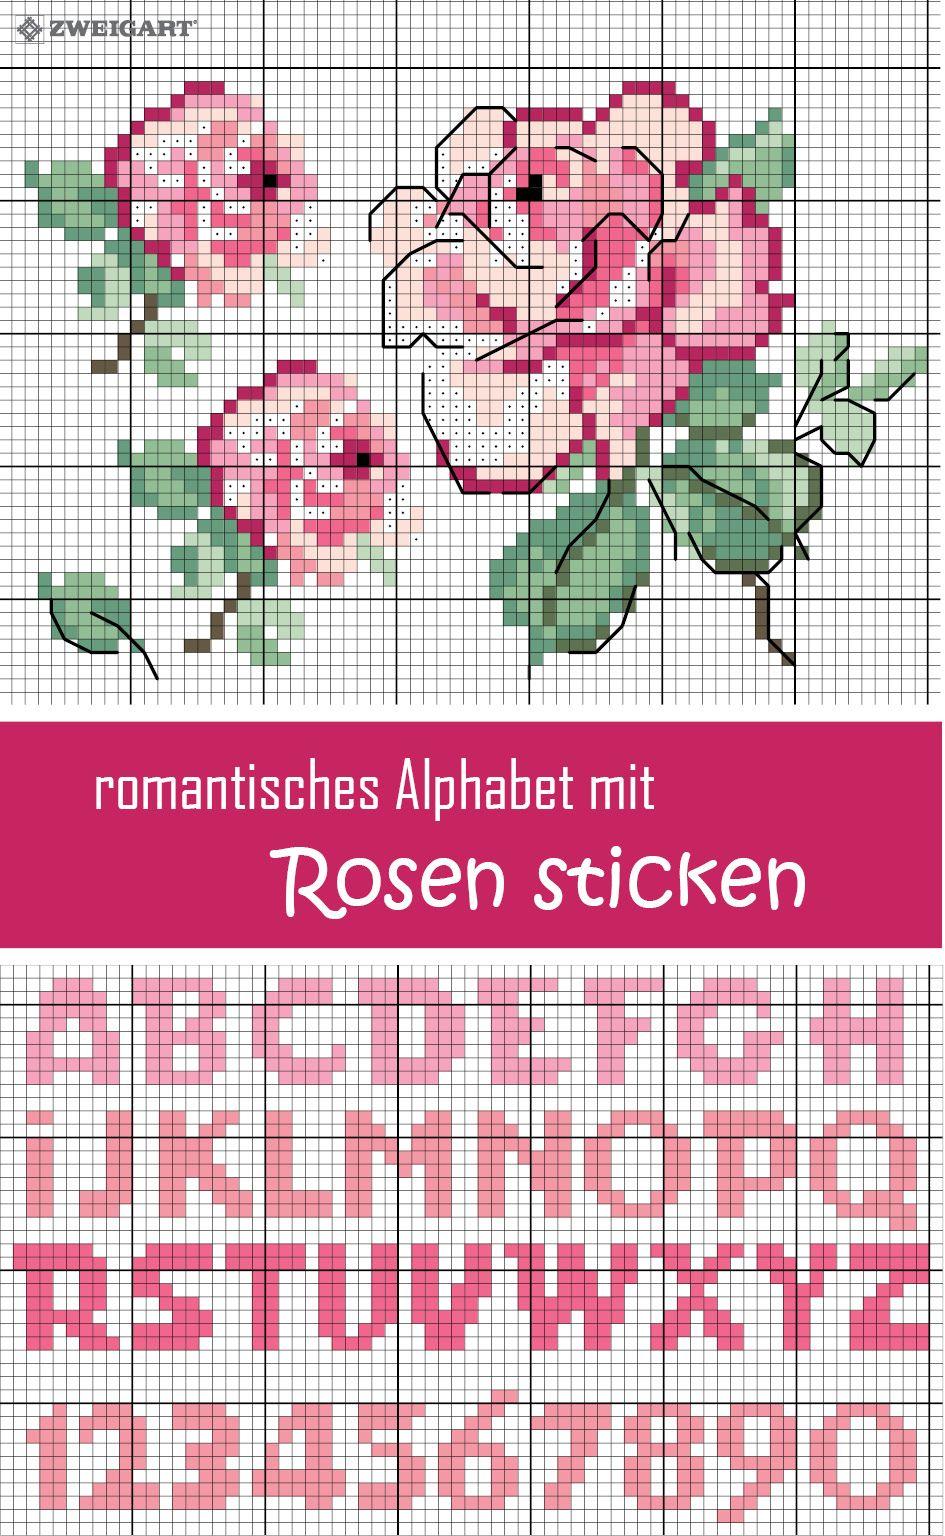 Berühmt Alphabet mit Rosen sticken - Entdecke zahlreiche kostenlose Charts FT95